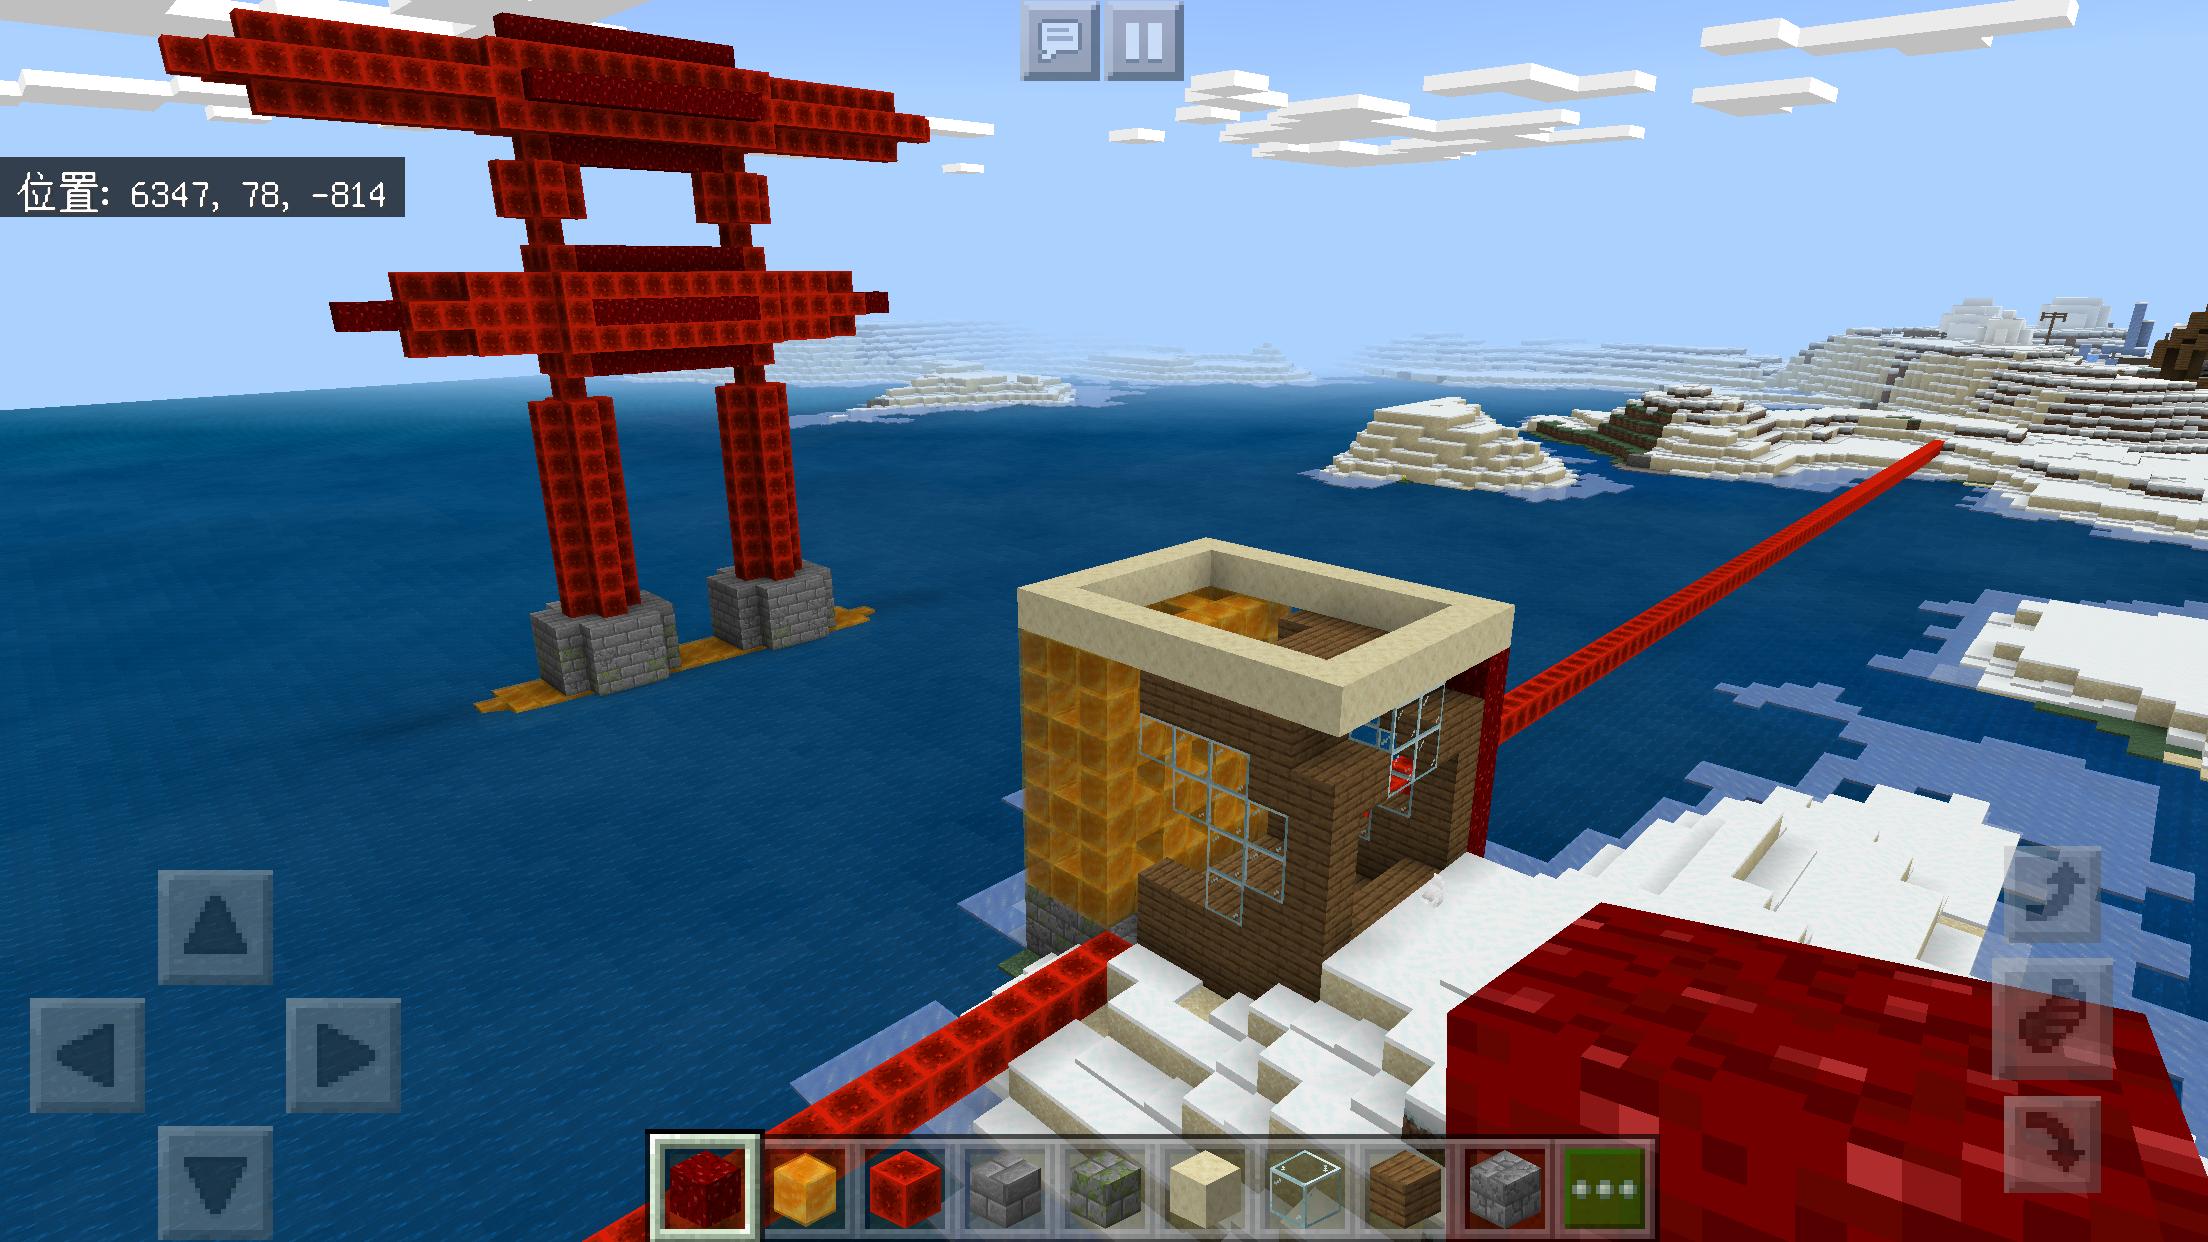 f:id:Minecraftkun:20200317110839p:image